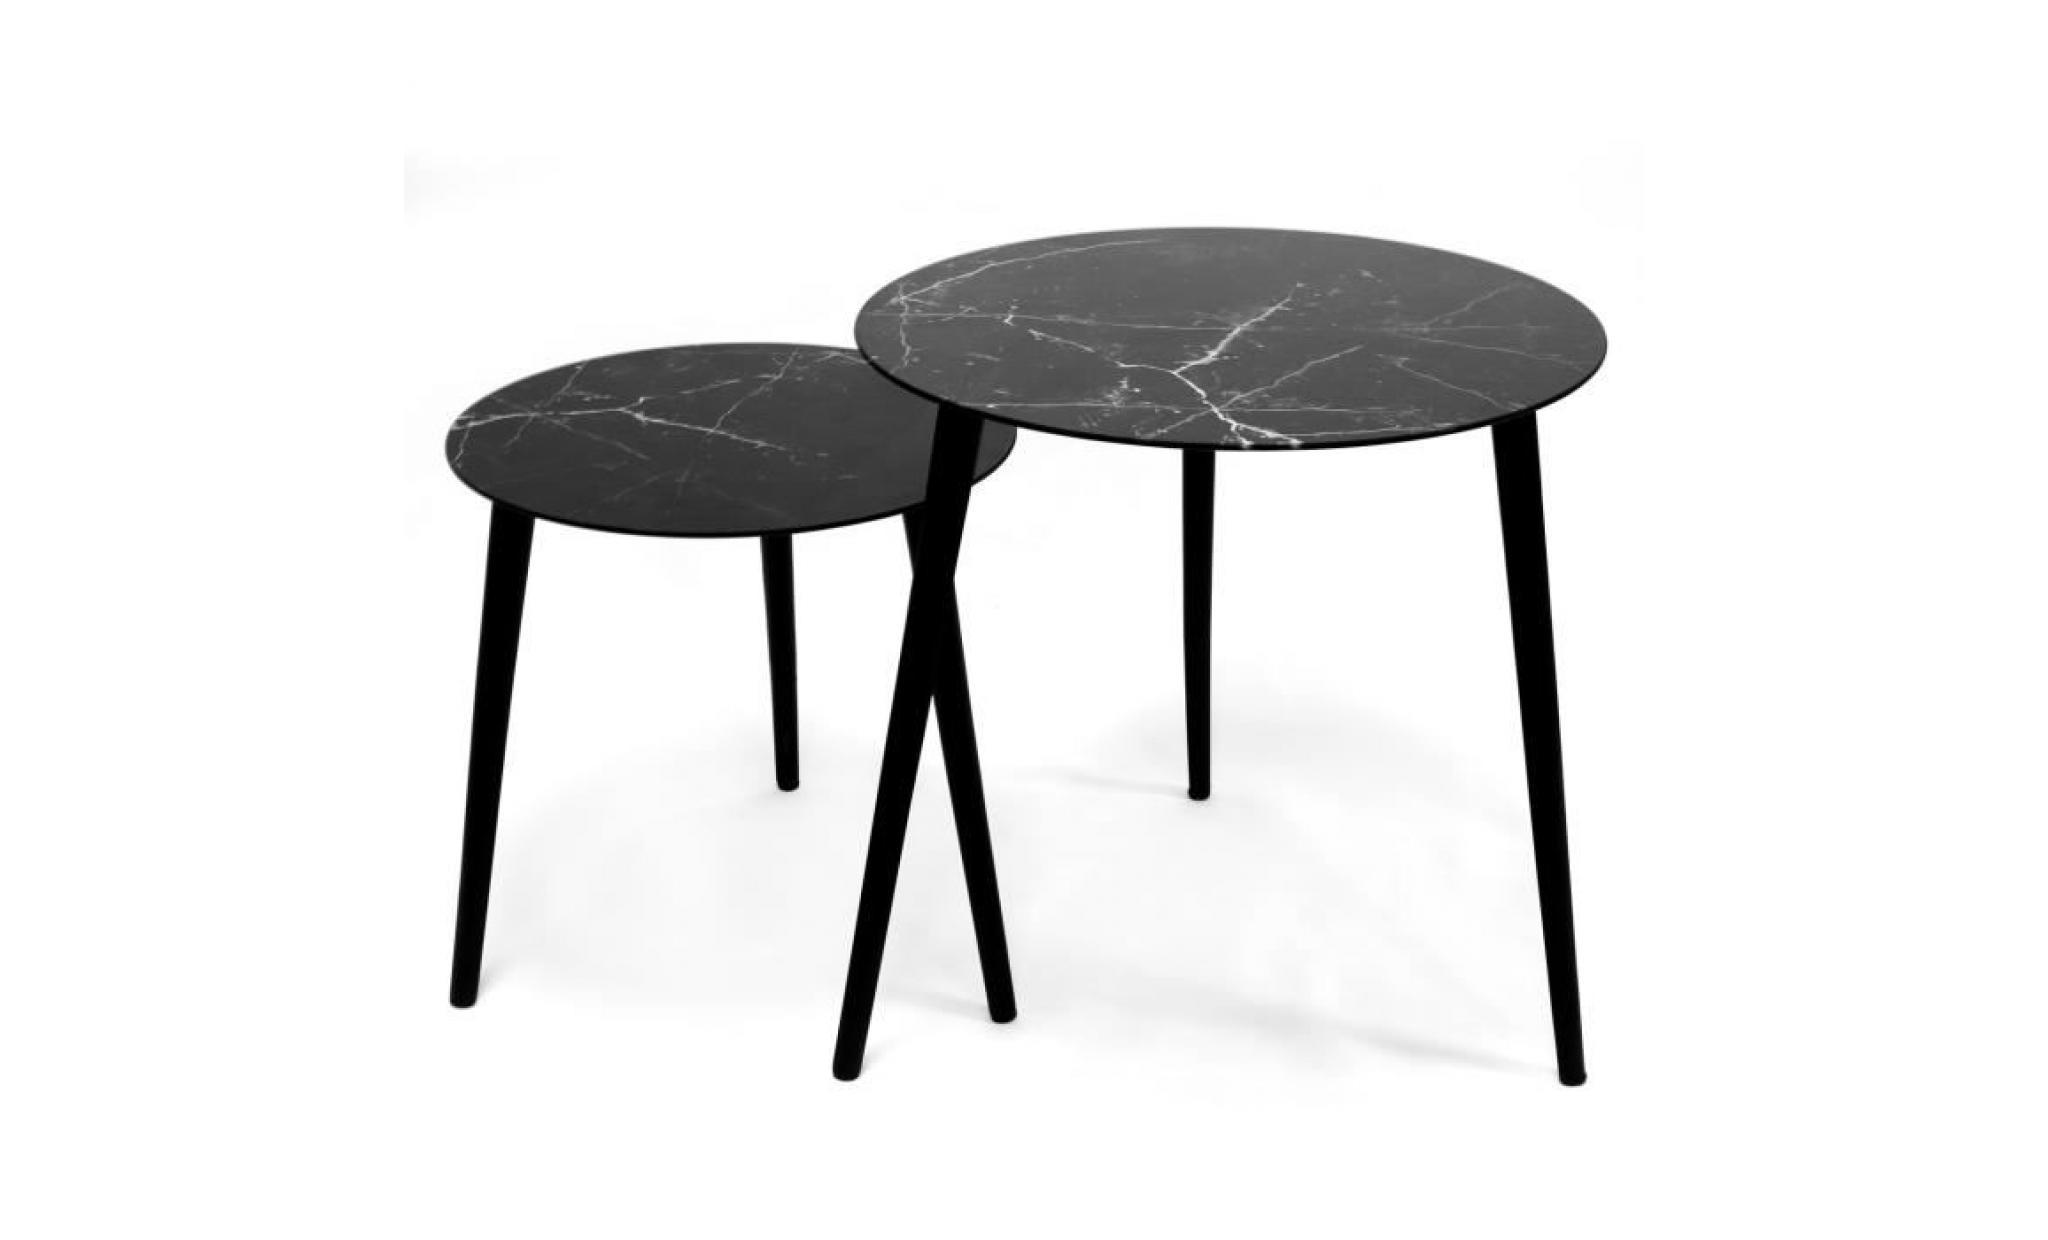 meilleur service 905dd ed74c jonas lot de 2 tables rondes scandinaves (1 petite + 1 grande) tables  basses en verre trempé effet marbre à 3 pieds (noire)